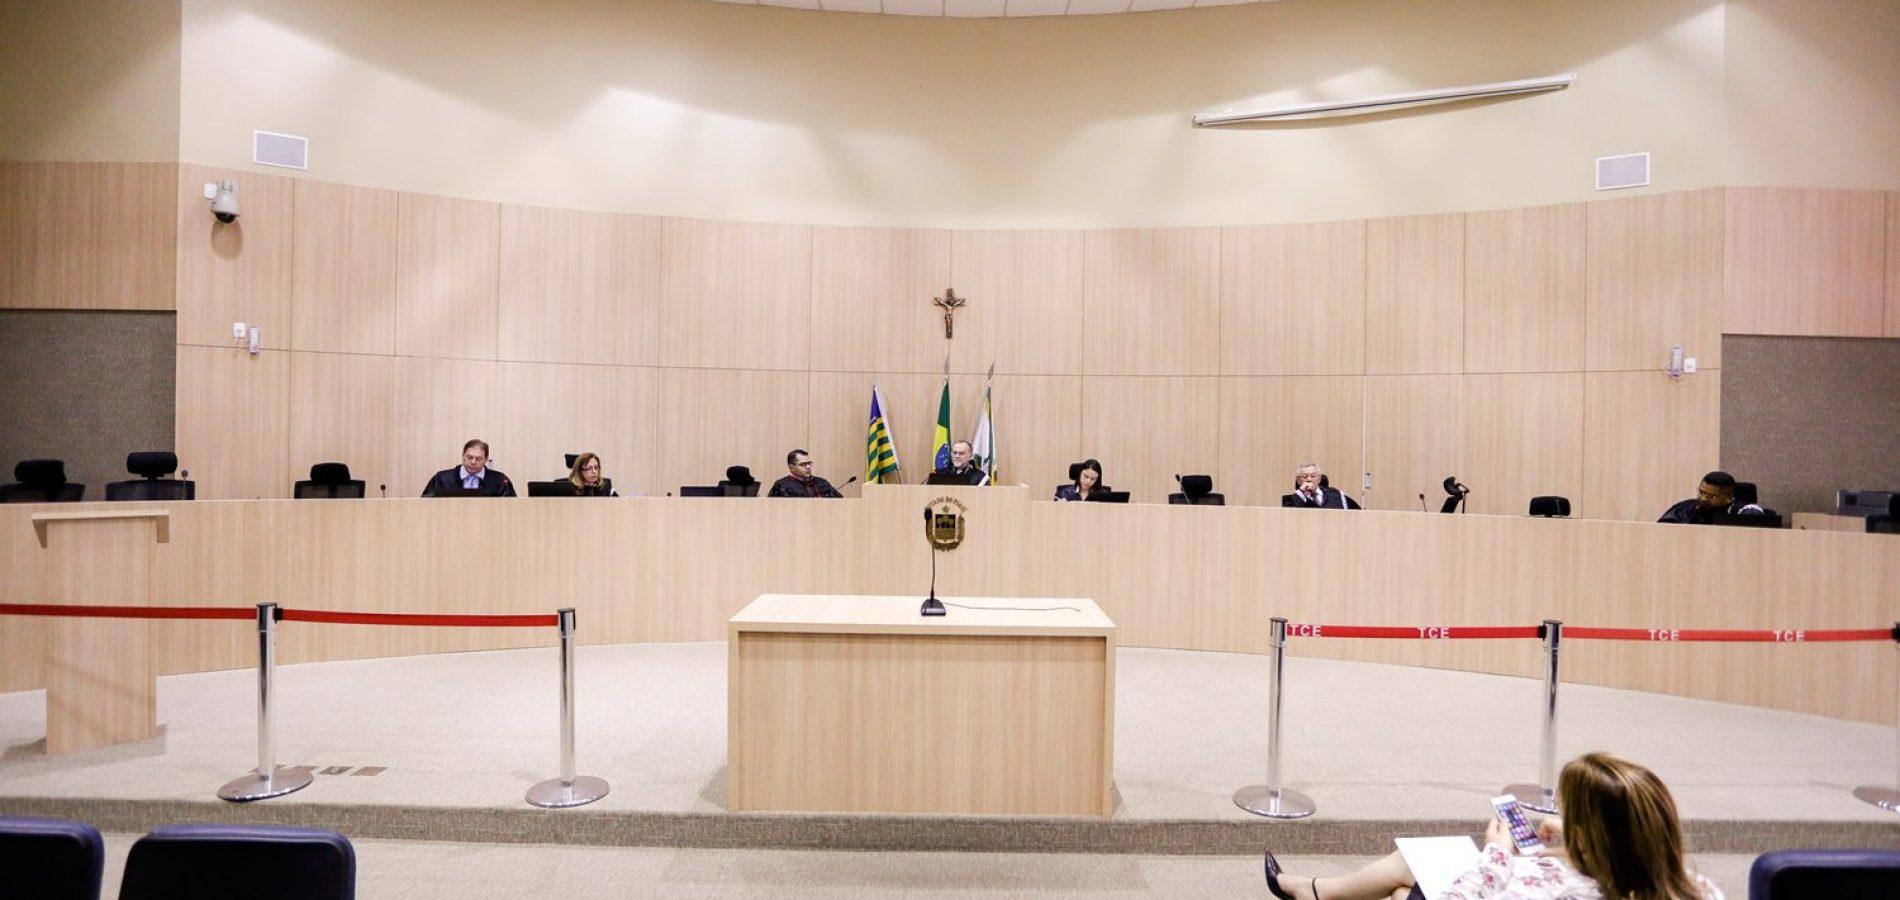 Tribunal de Contas anula nomeações de quase 200 servidores em três municípios do Piauí